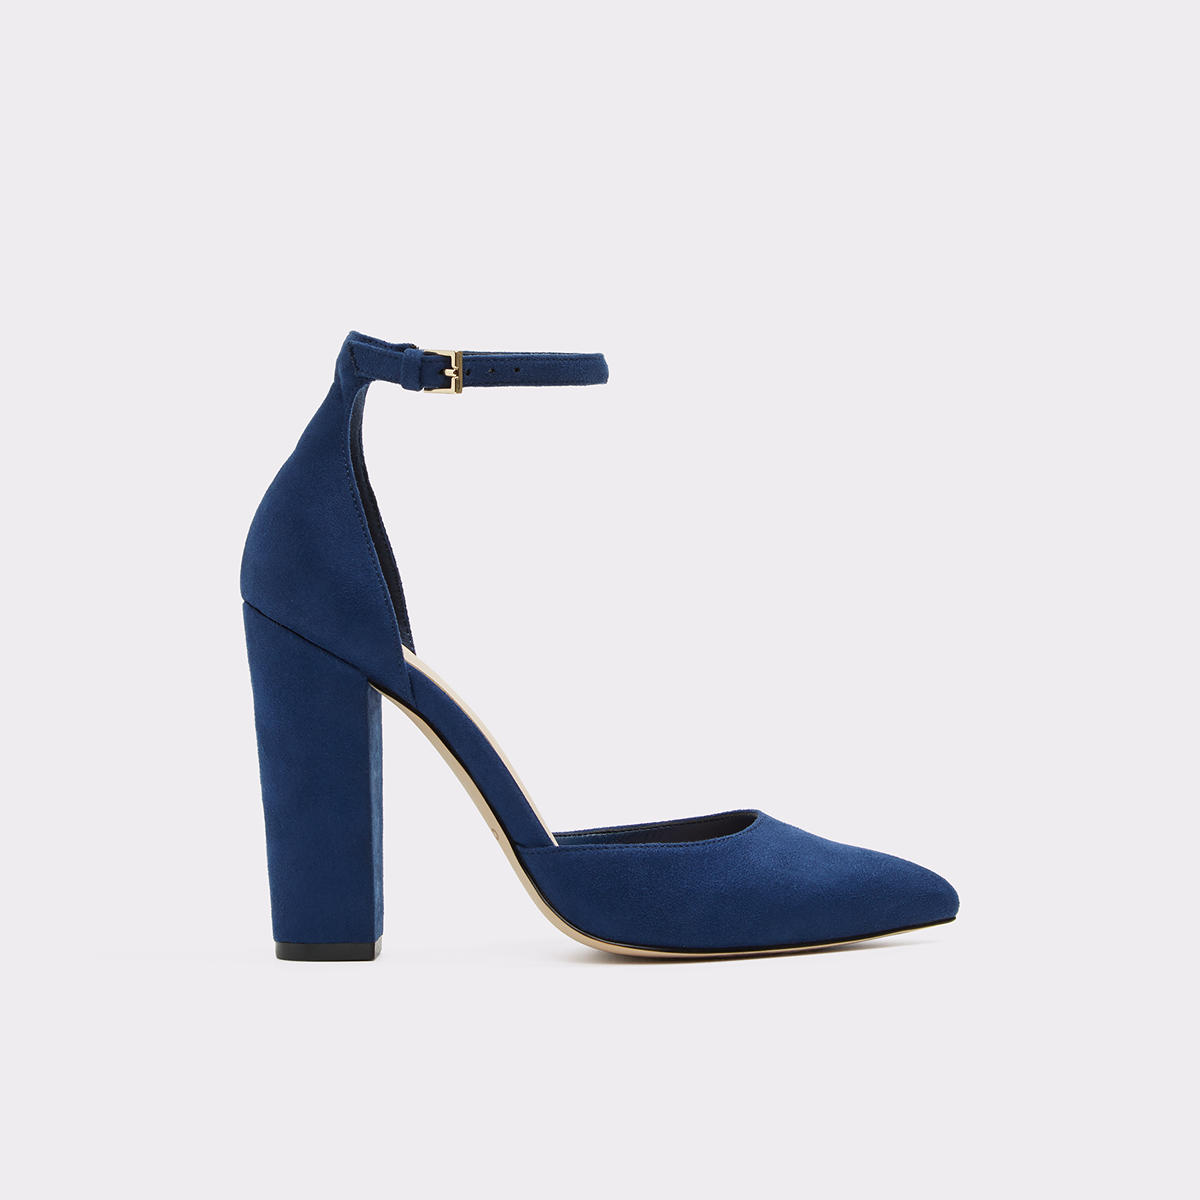 529bfdc93728 Loeri Navy Women s Heels